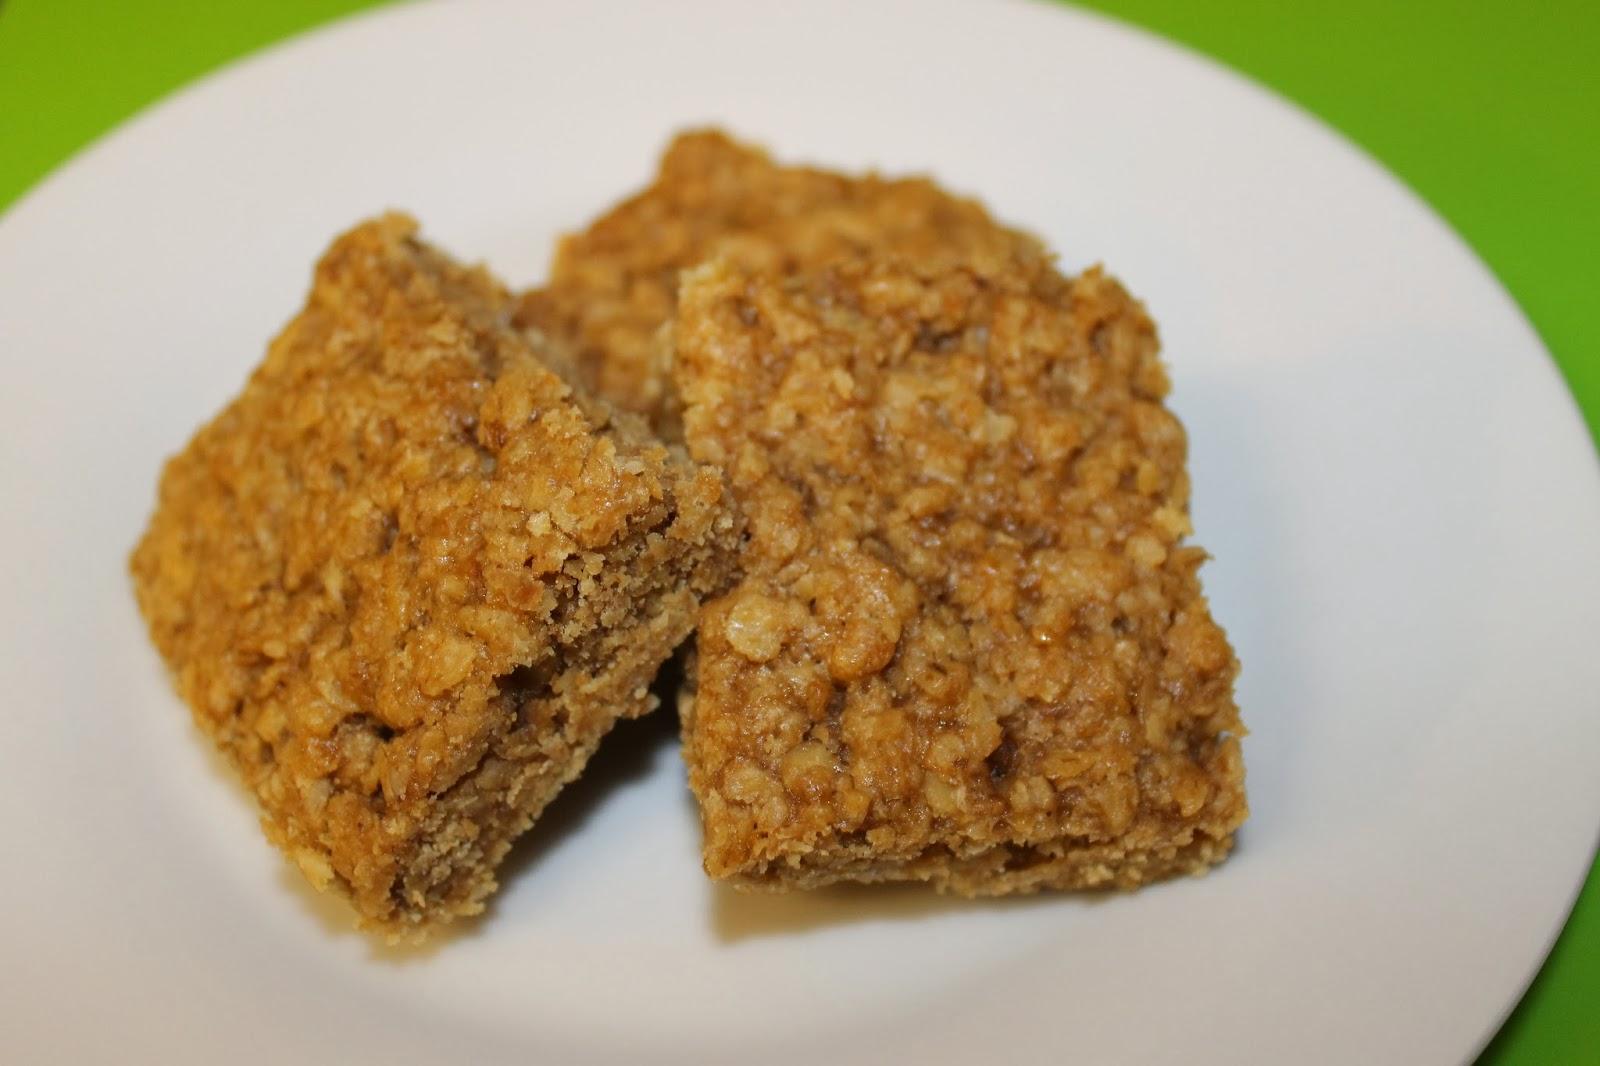 Organic Food Available At Palisades Park Mall